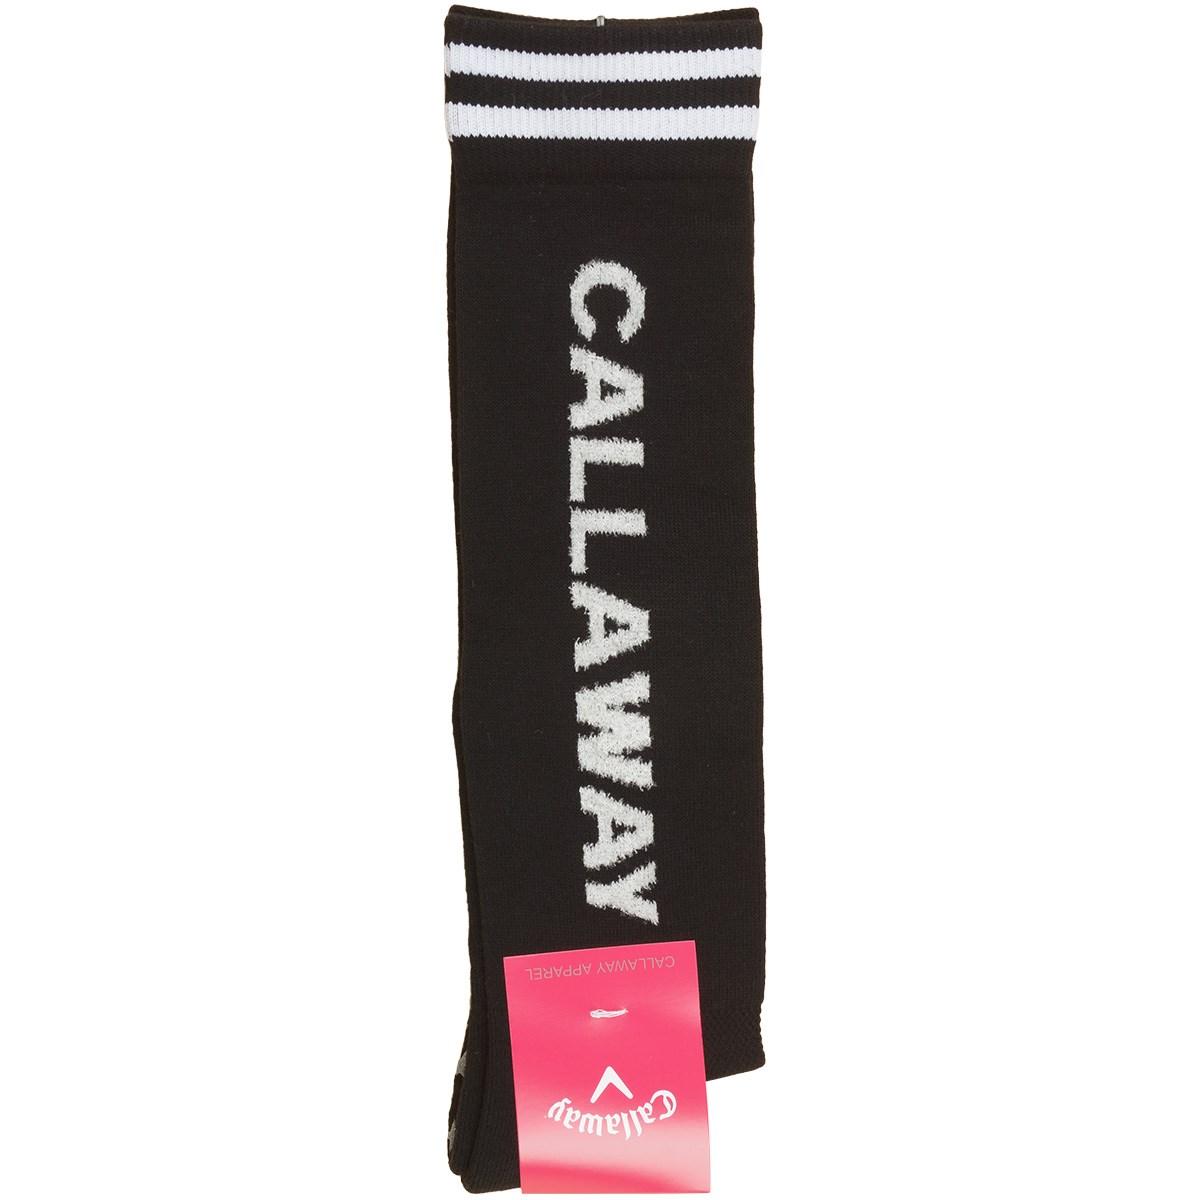 キャロウェイゴルフ Callaway Golf ハイソックス フリー ブラック 010 レディス